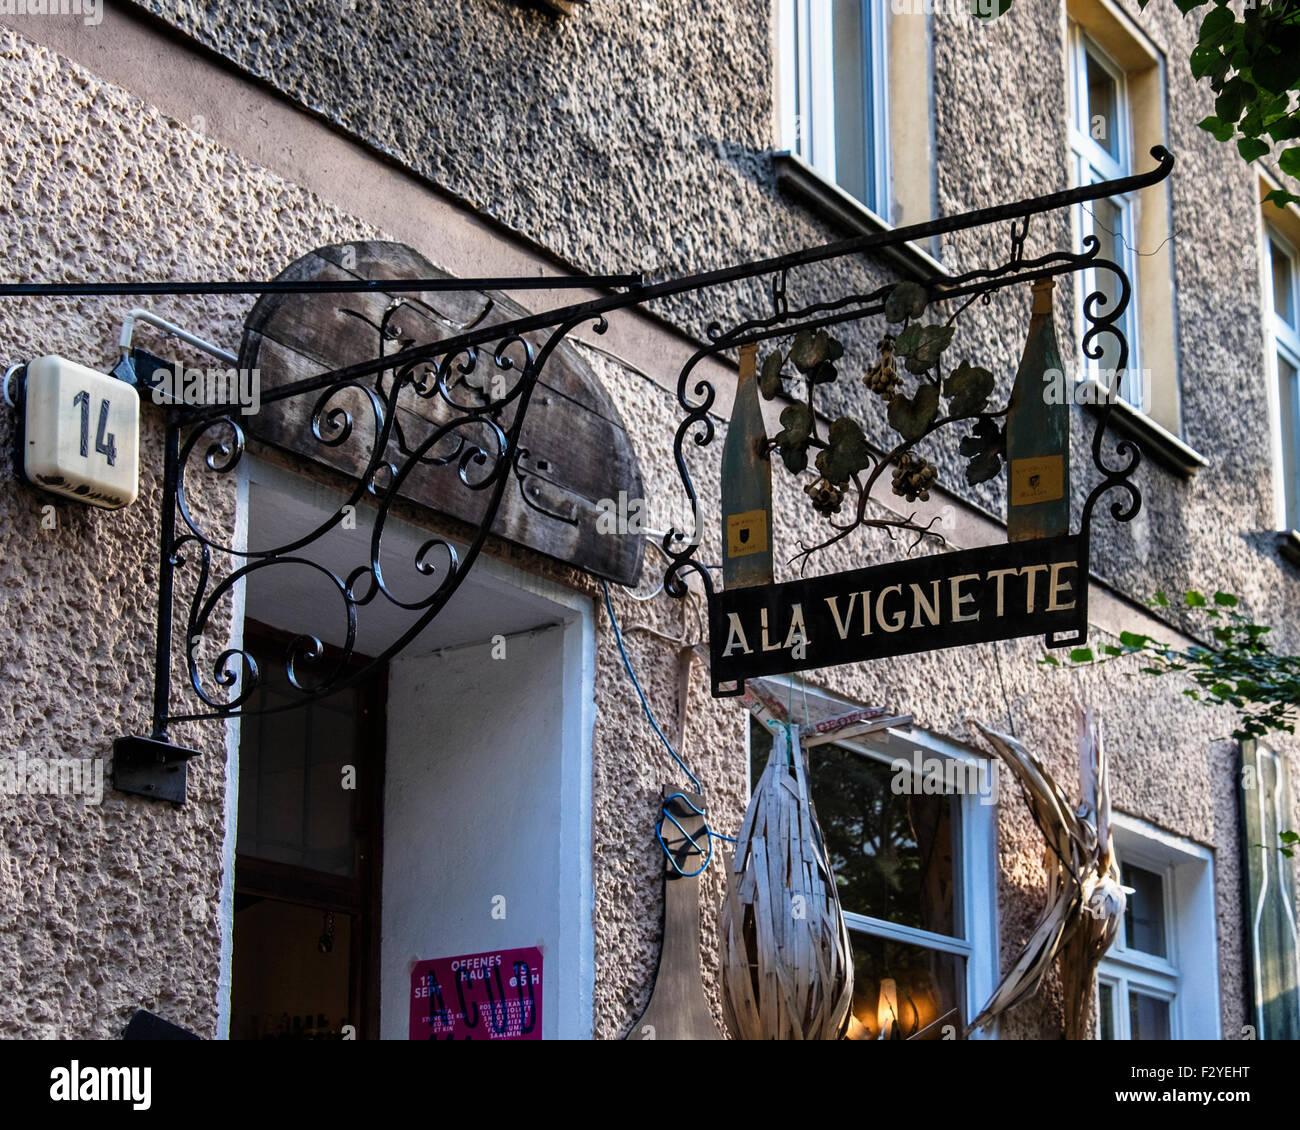 Berlin Veteranenstrasse, Ala vignette wine store ferro battuto segno Immagini Stock